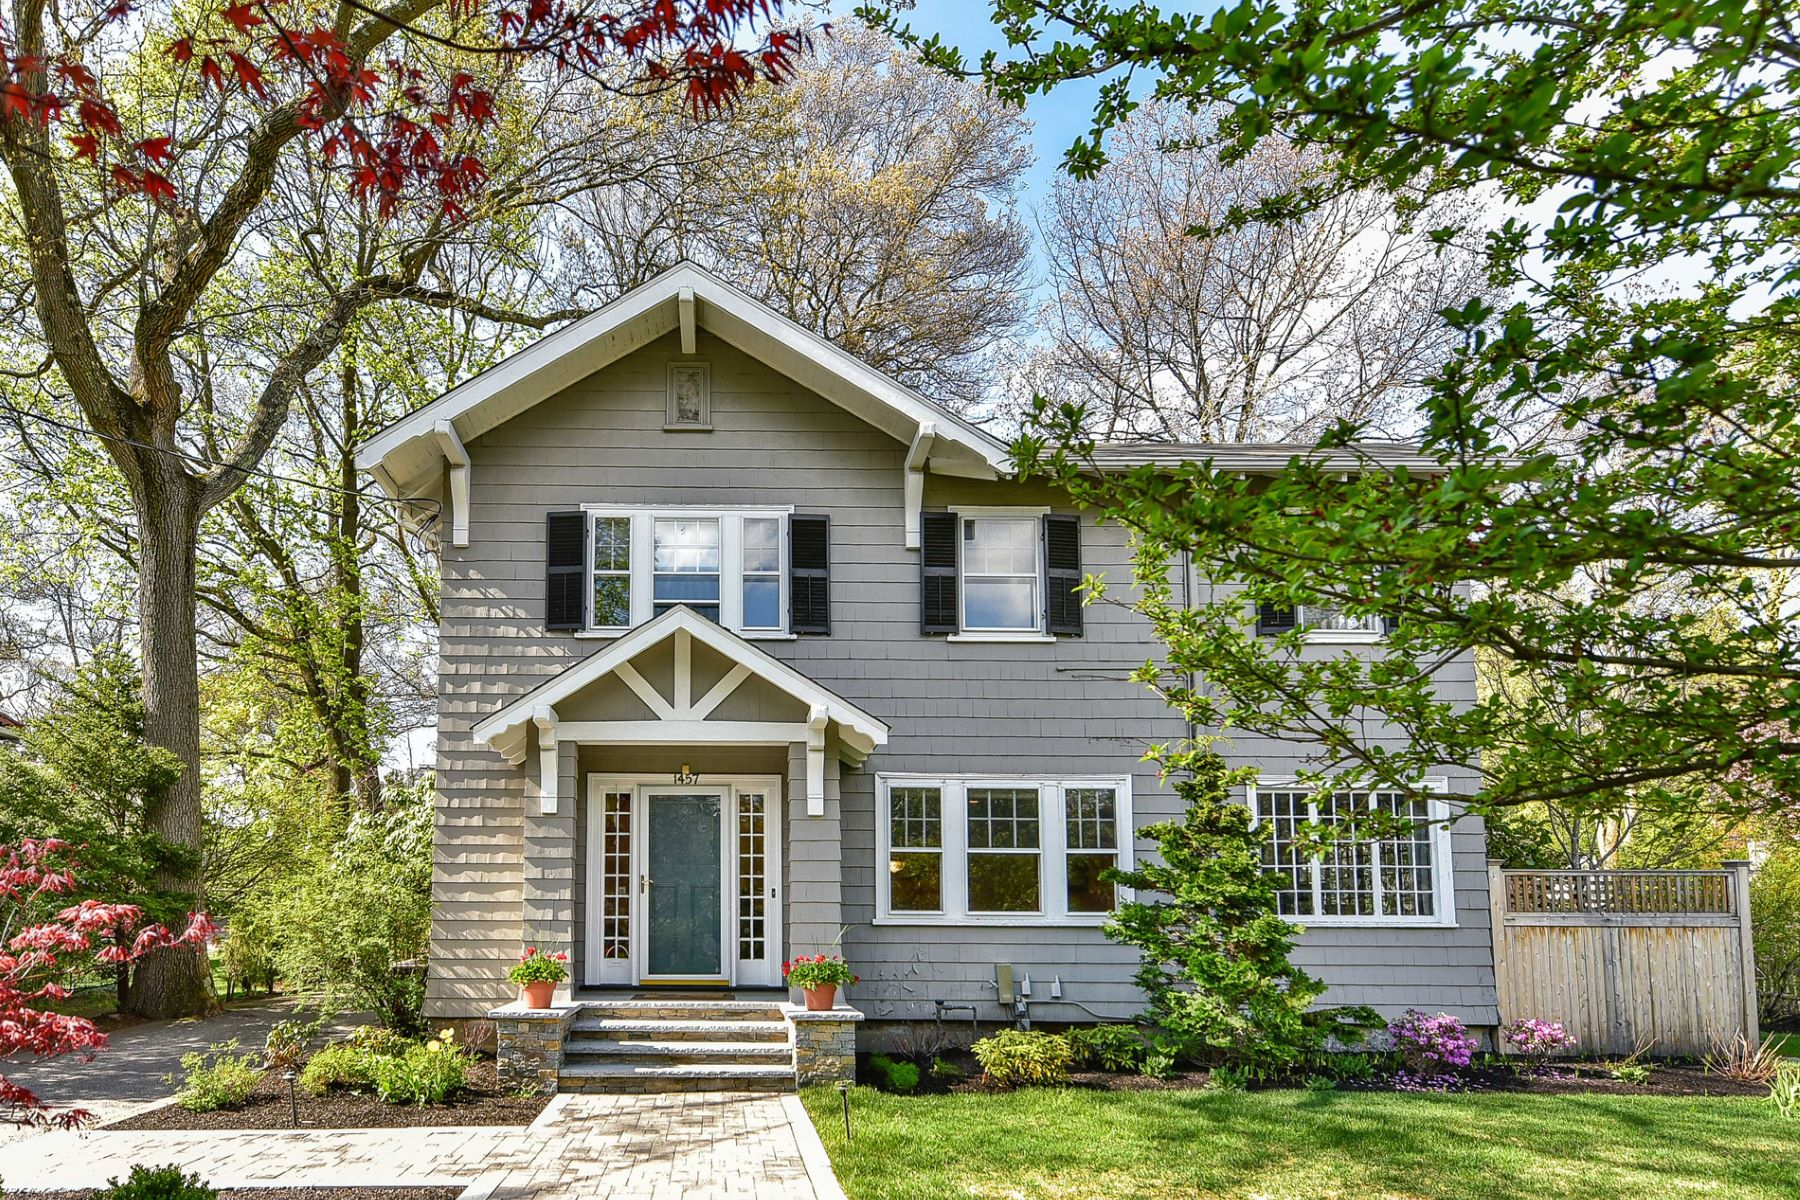 Частный односемейный дом для того Продажа на 1457 Beacon St, Newton Newton, Массачусетс, 02468 Соединенные Штаты